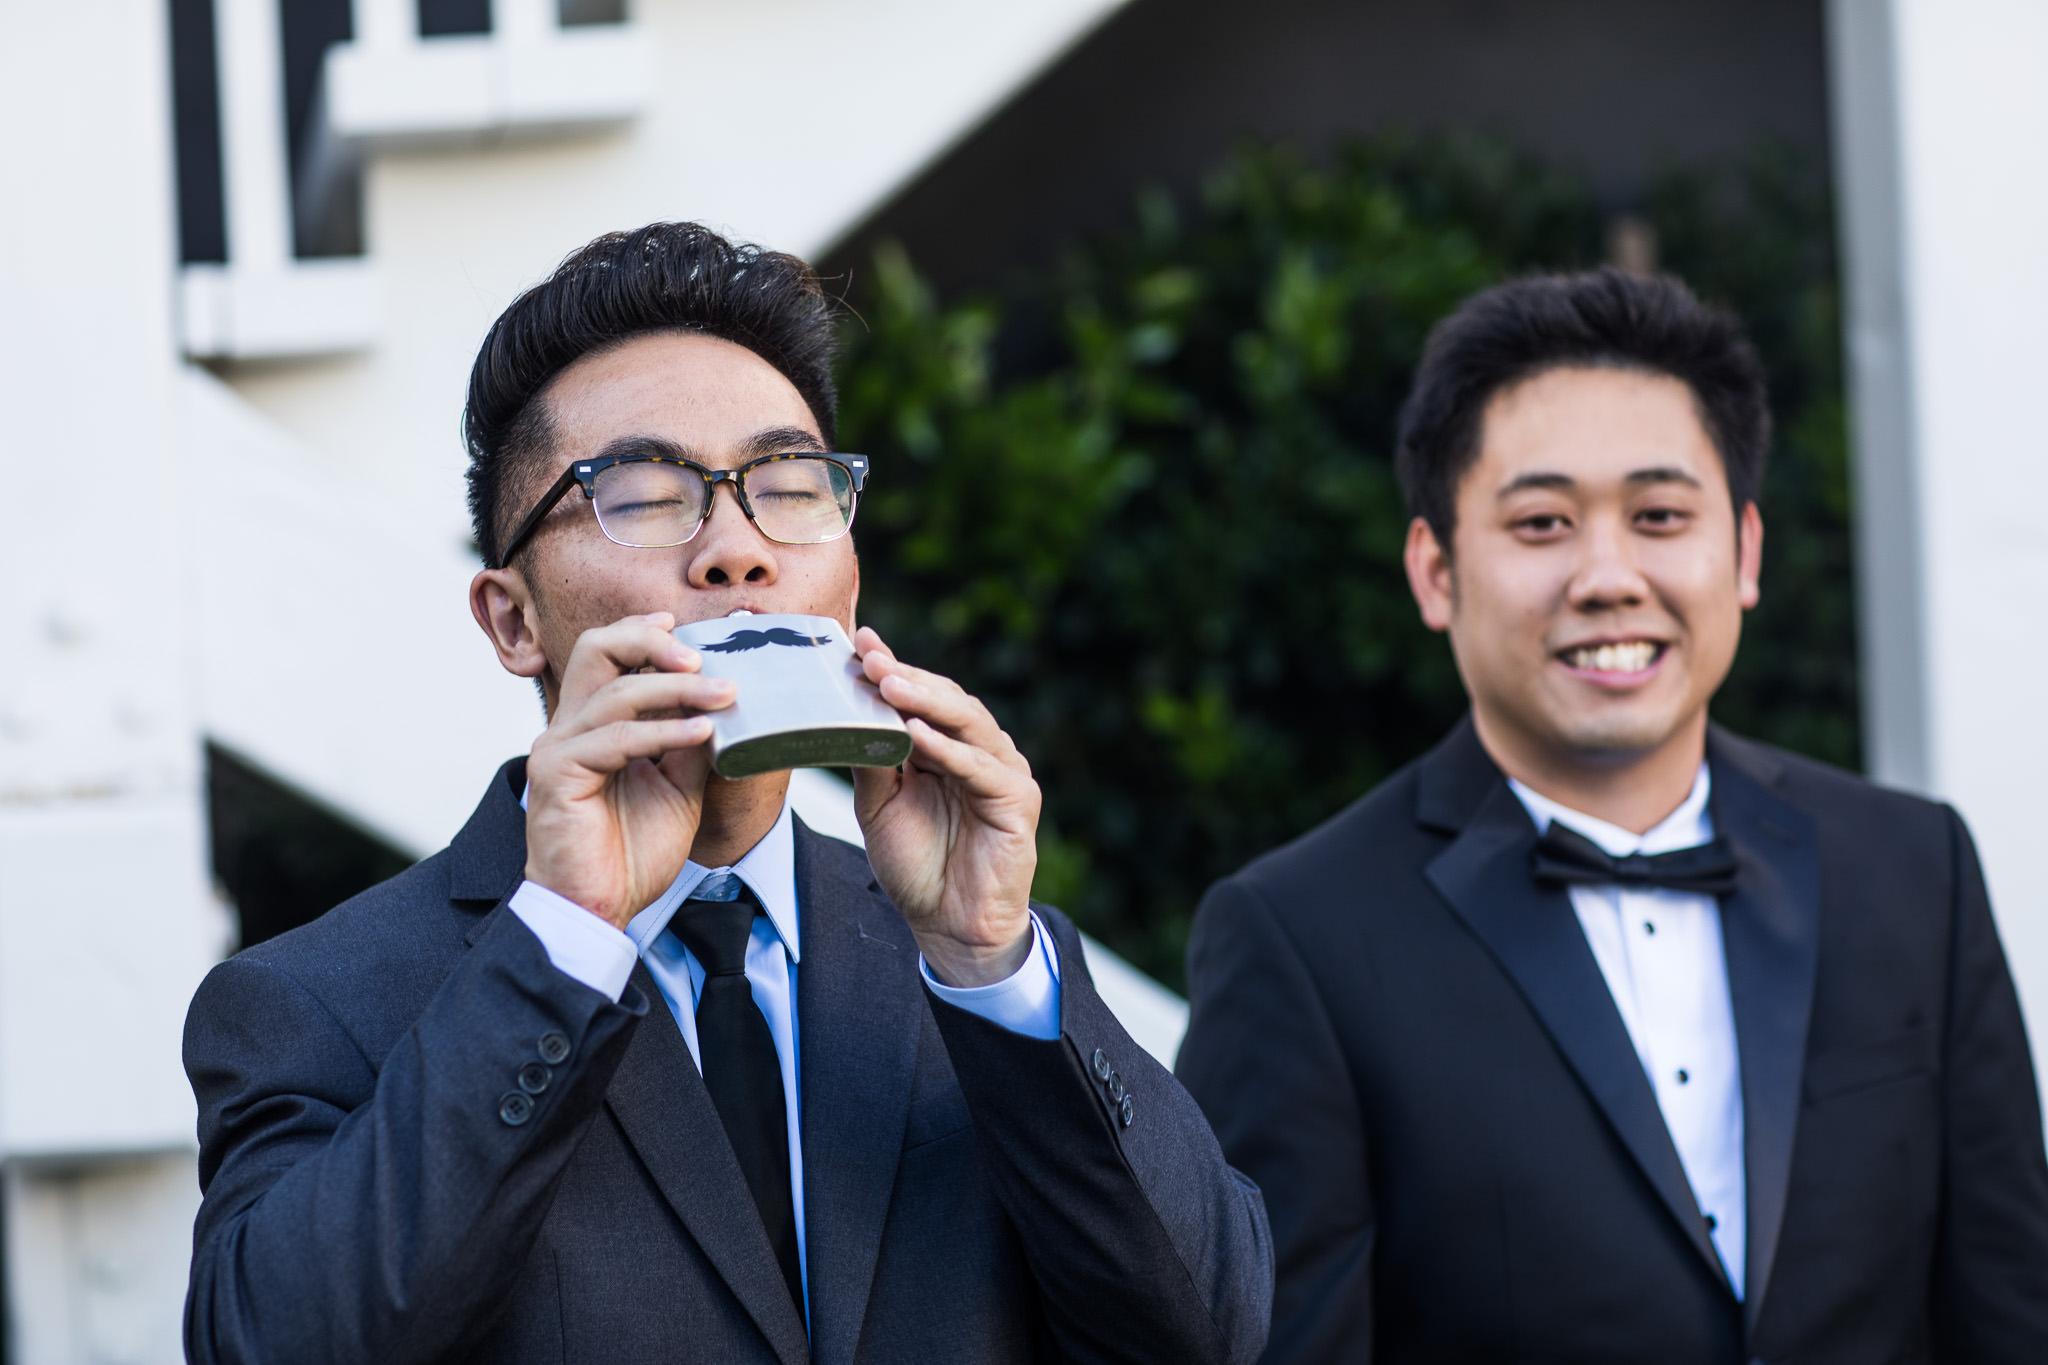 Newport Beach Wedding Details